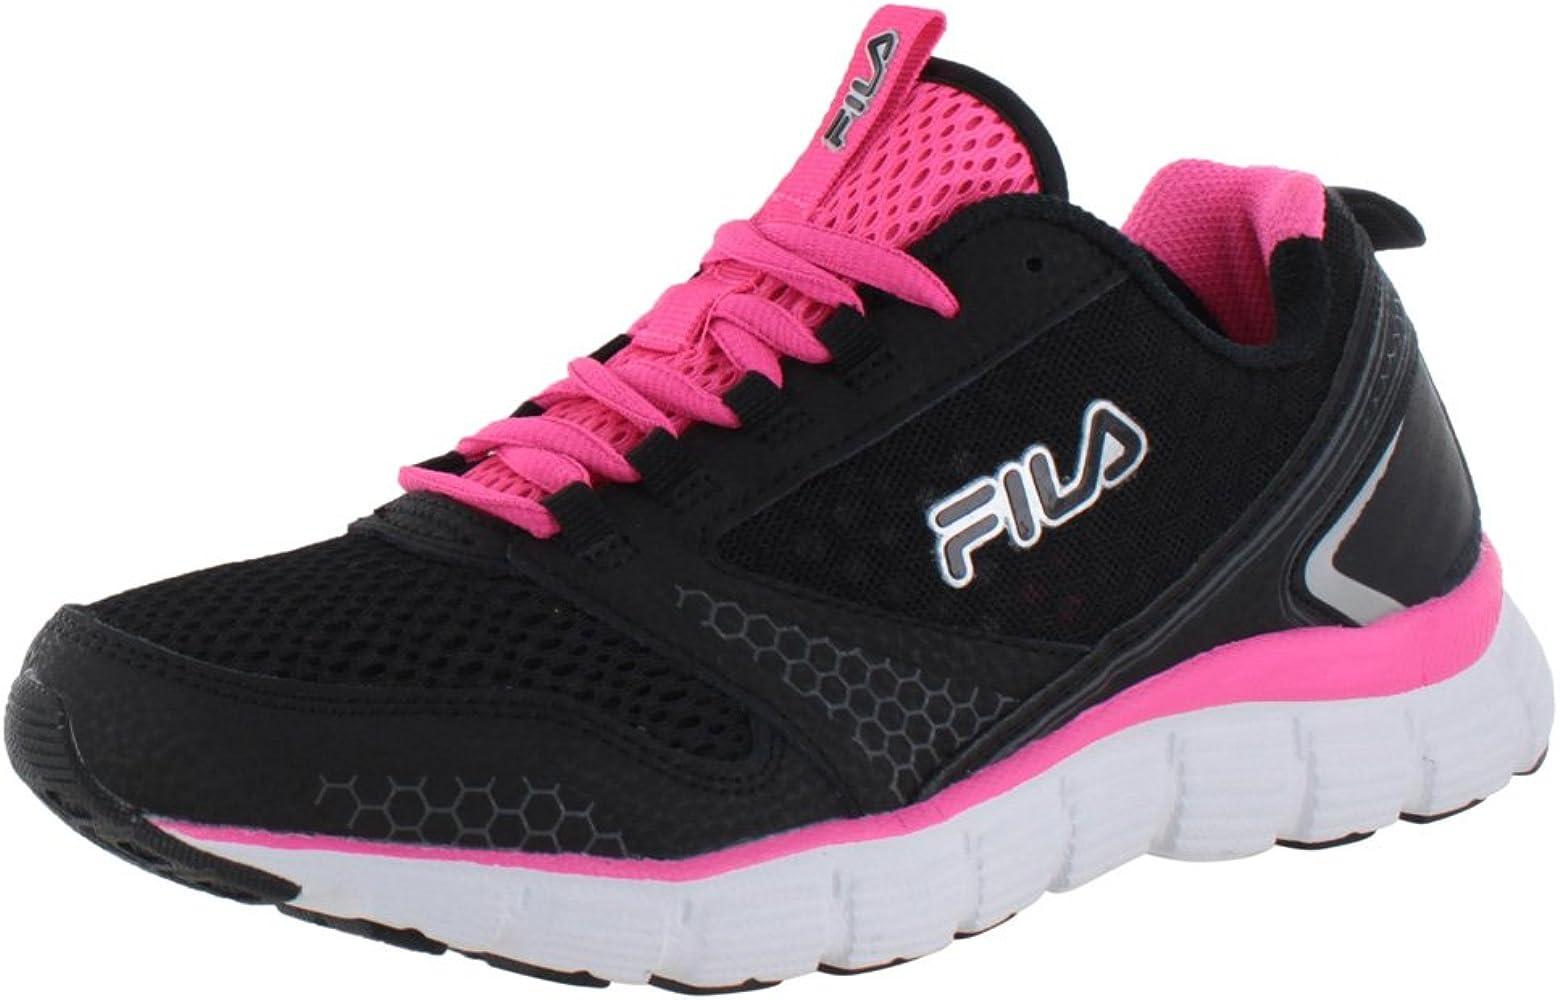 Fila de Memoria Windstar Las Zapatillas de Running: Amazon.es ...